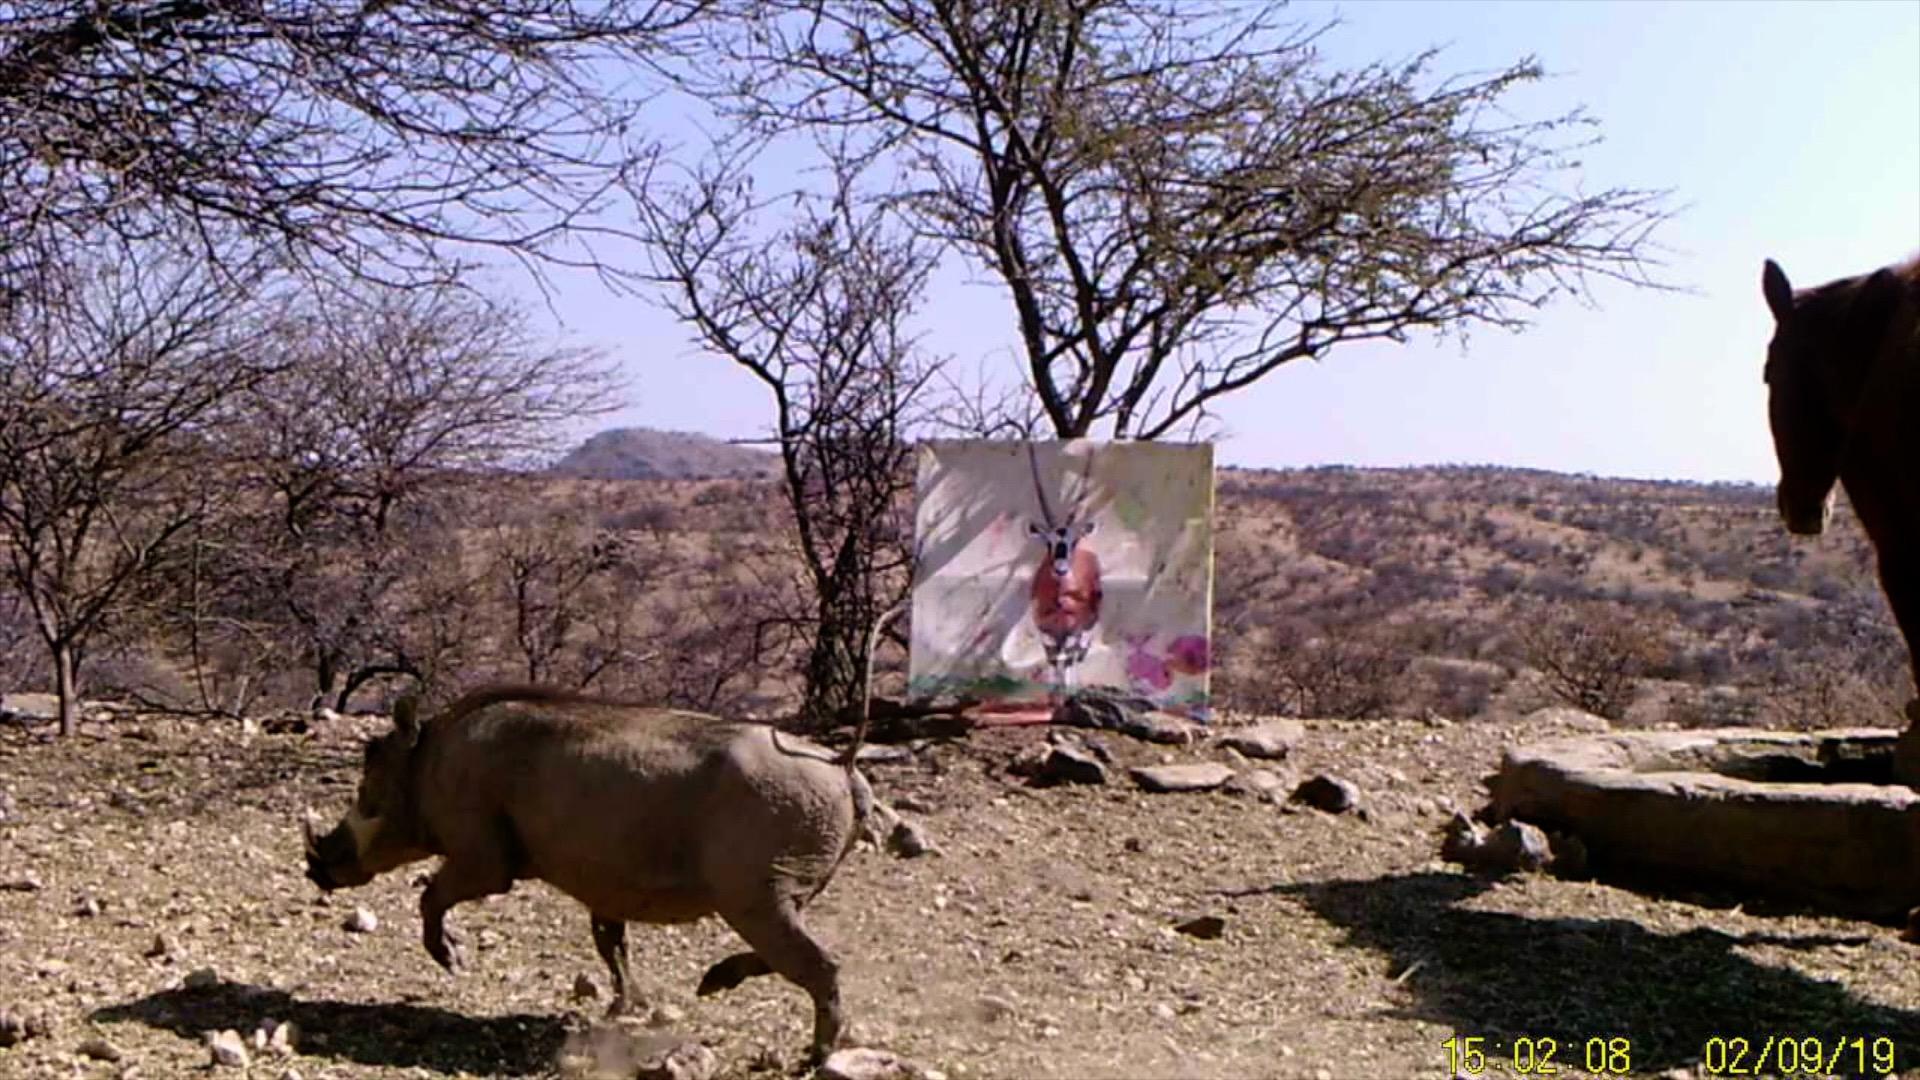 Filmstill SUPERWILDVISION Namibia 2019, Afrika, Kunstprojekt von Irene Mueller, Pferd, Warzenschwein rennt, Gemaelde Antilope